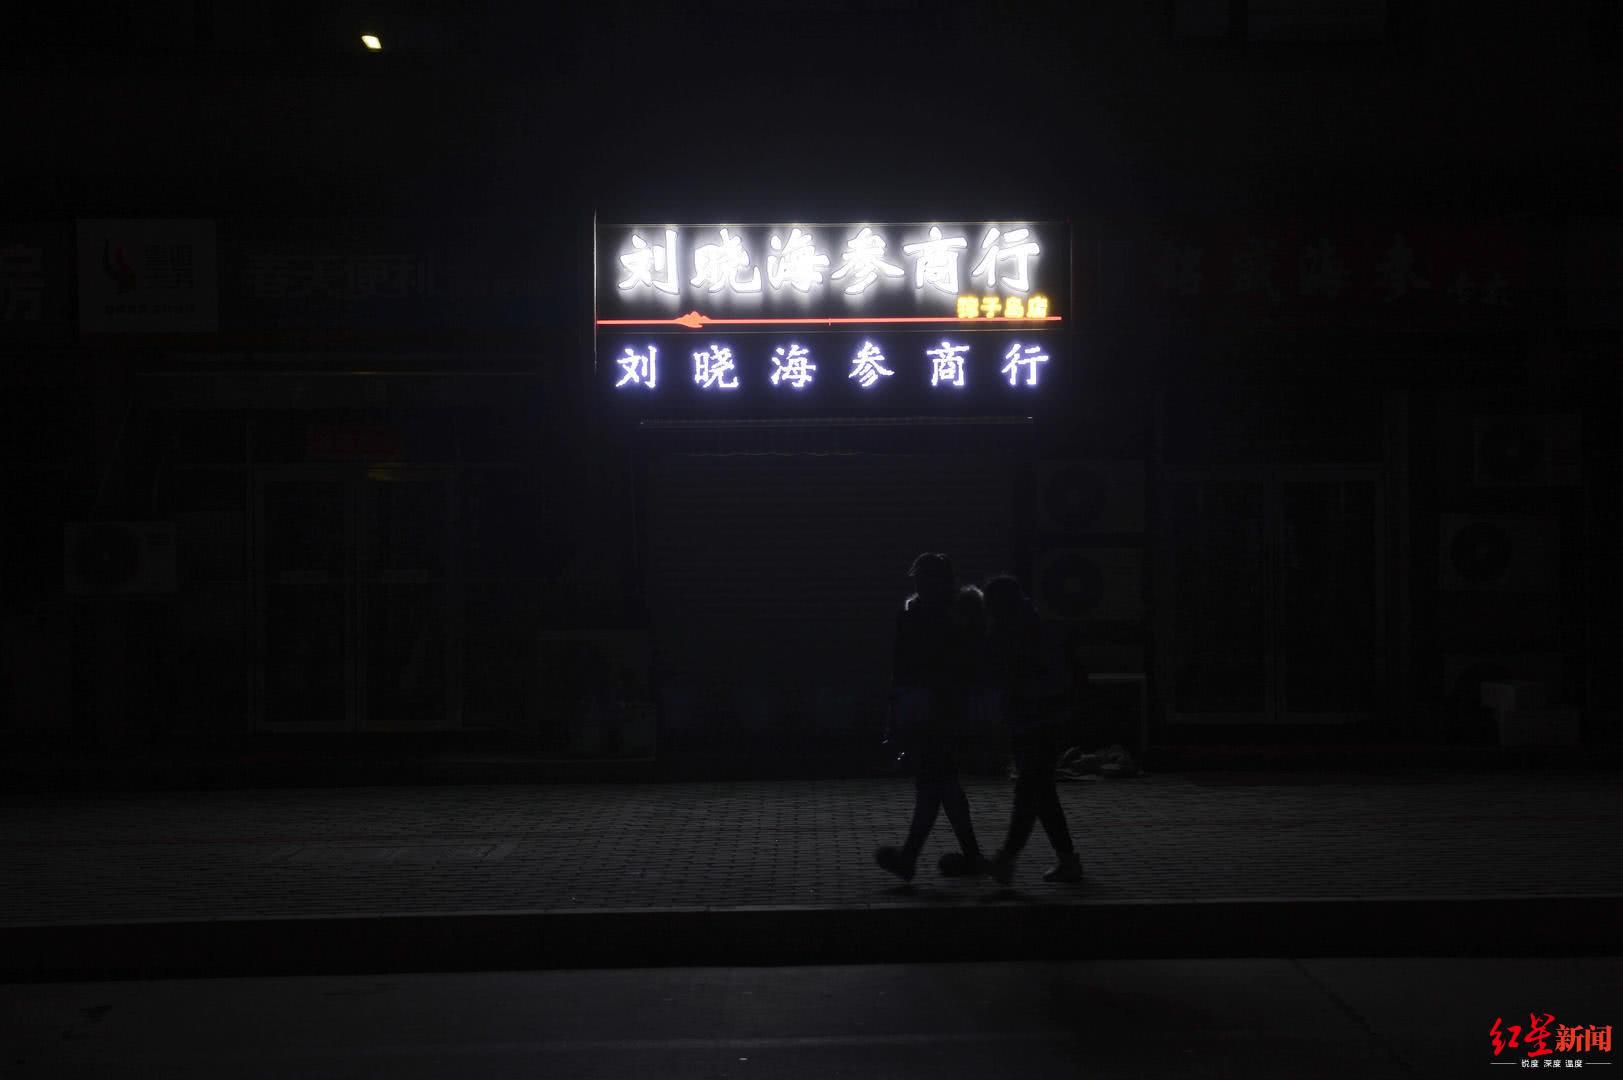 「聚利娱乐是合法的吗」「新中国从这里走来」重温涿州峥嵘岁月 追溯带有温度的红色历史